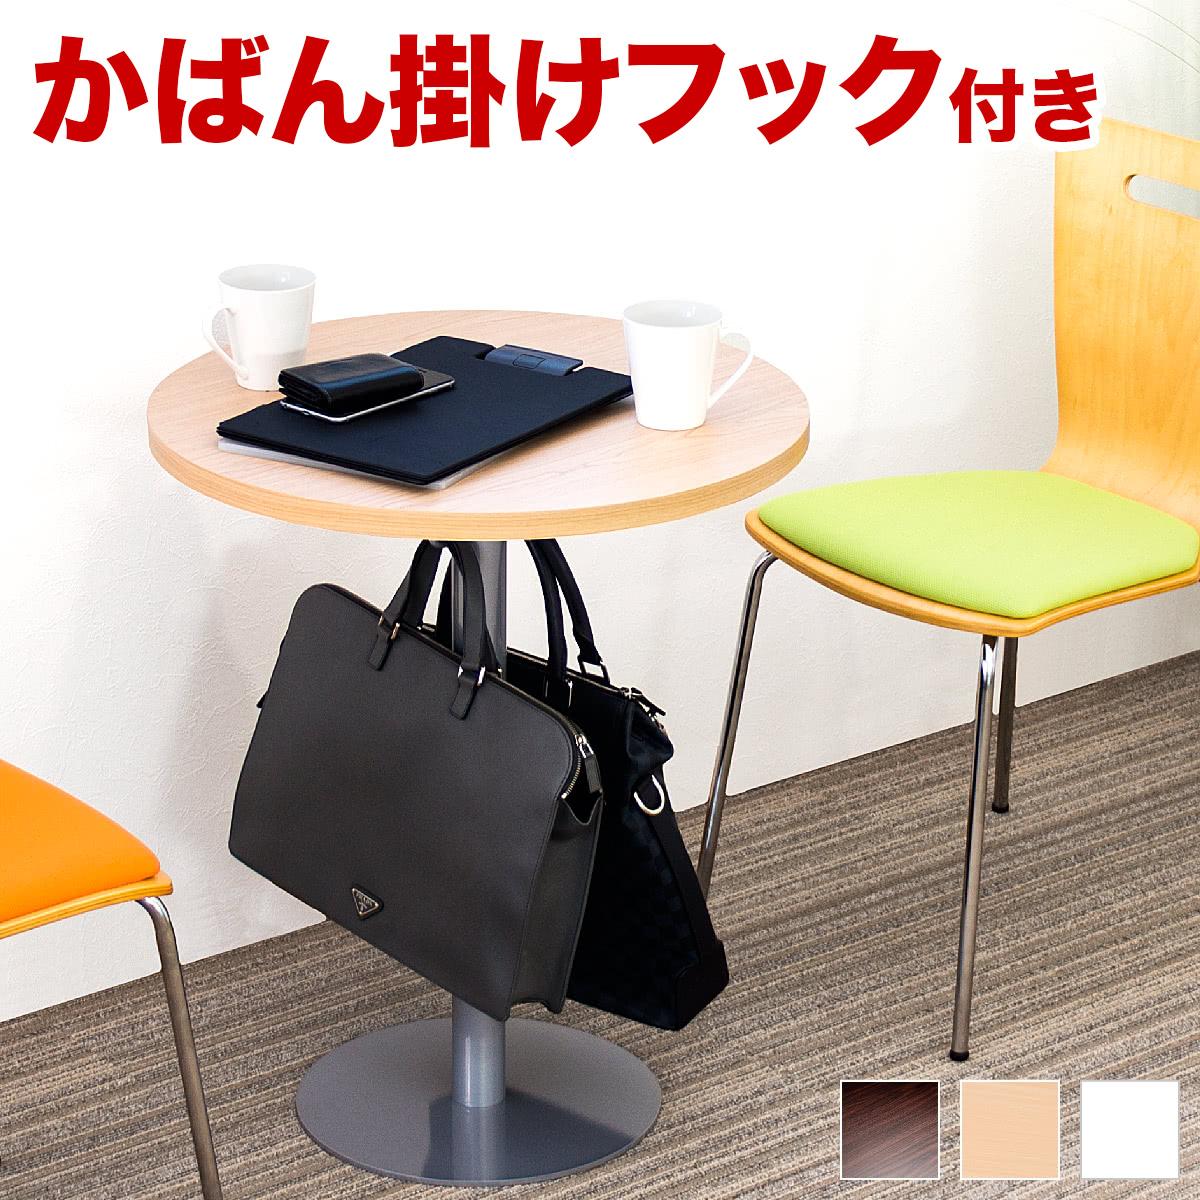 ラウンドテーブル幅60cm便利なフック付き カフェテーブル 丸テーブル リフレッシュテーブル 送料無料 コーヒーテーブル ミーティングテーブル フードコート 休憩所 ロビー 打ち合わせ 一本足 ラウンジ エントランス 商談 丸型 円形